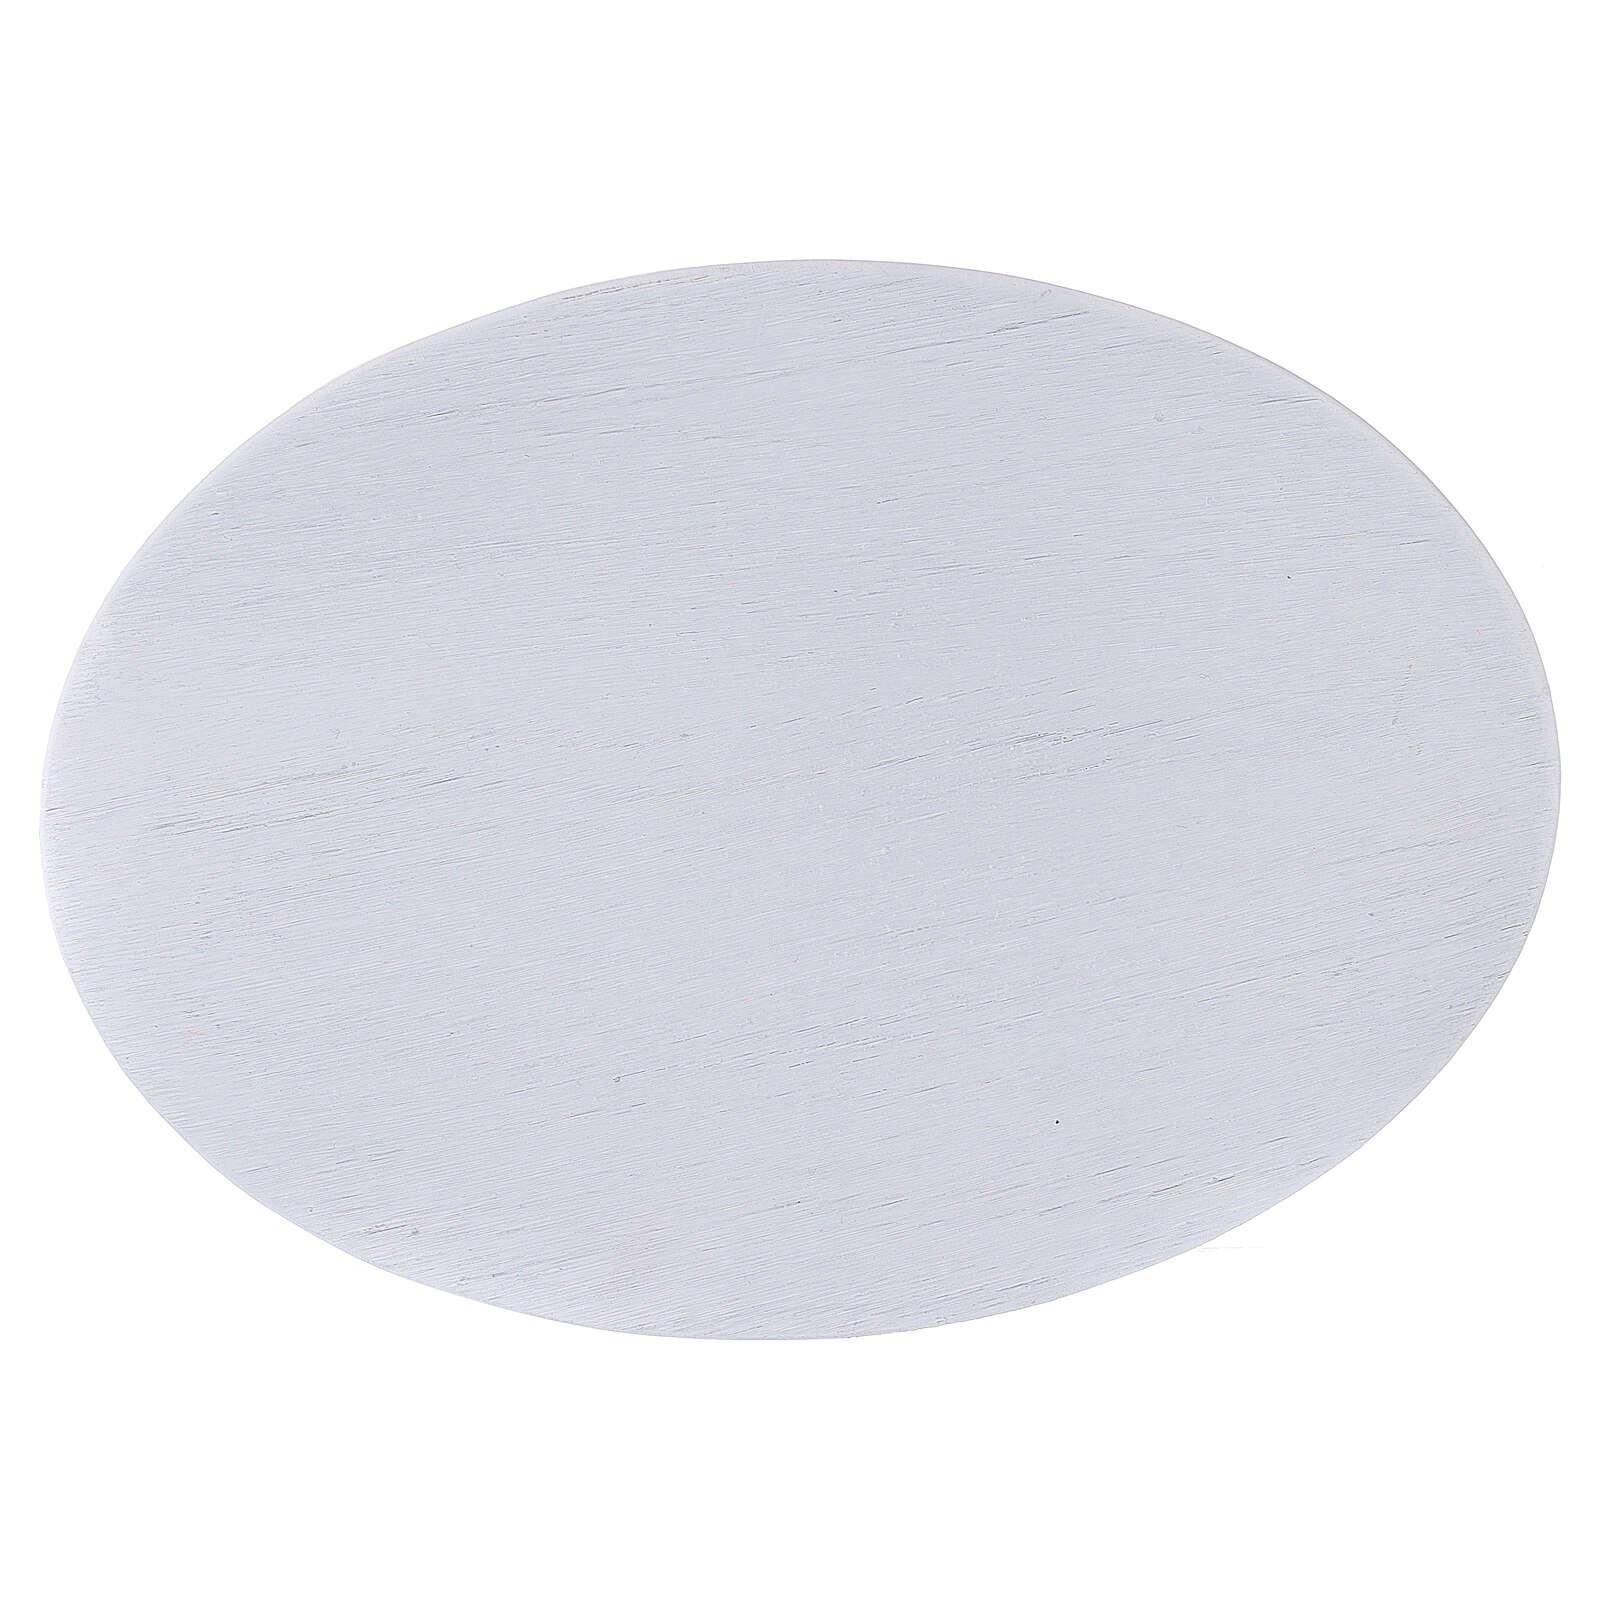 Piatto portacero alluminio bianco spazzolato 17x12 cm 3